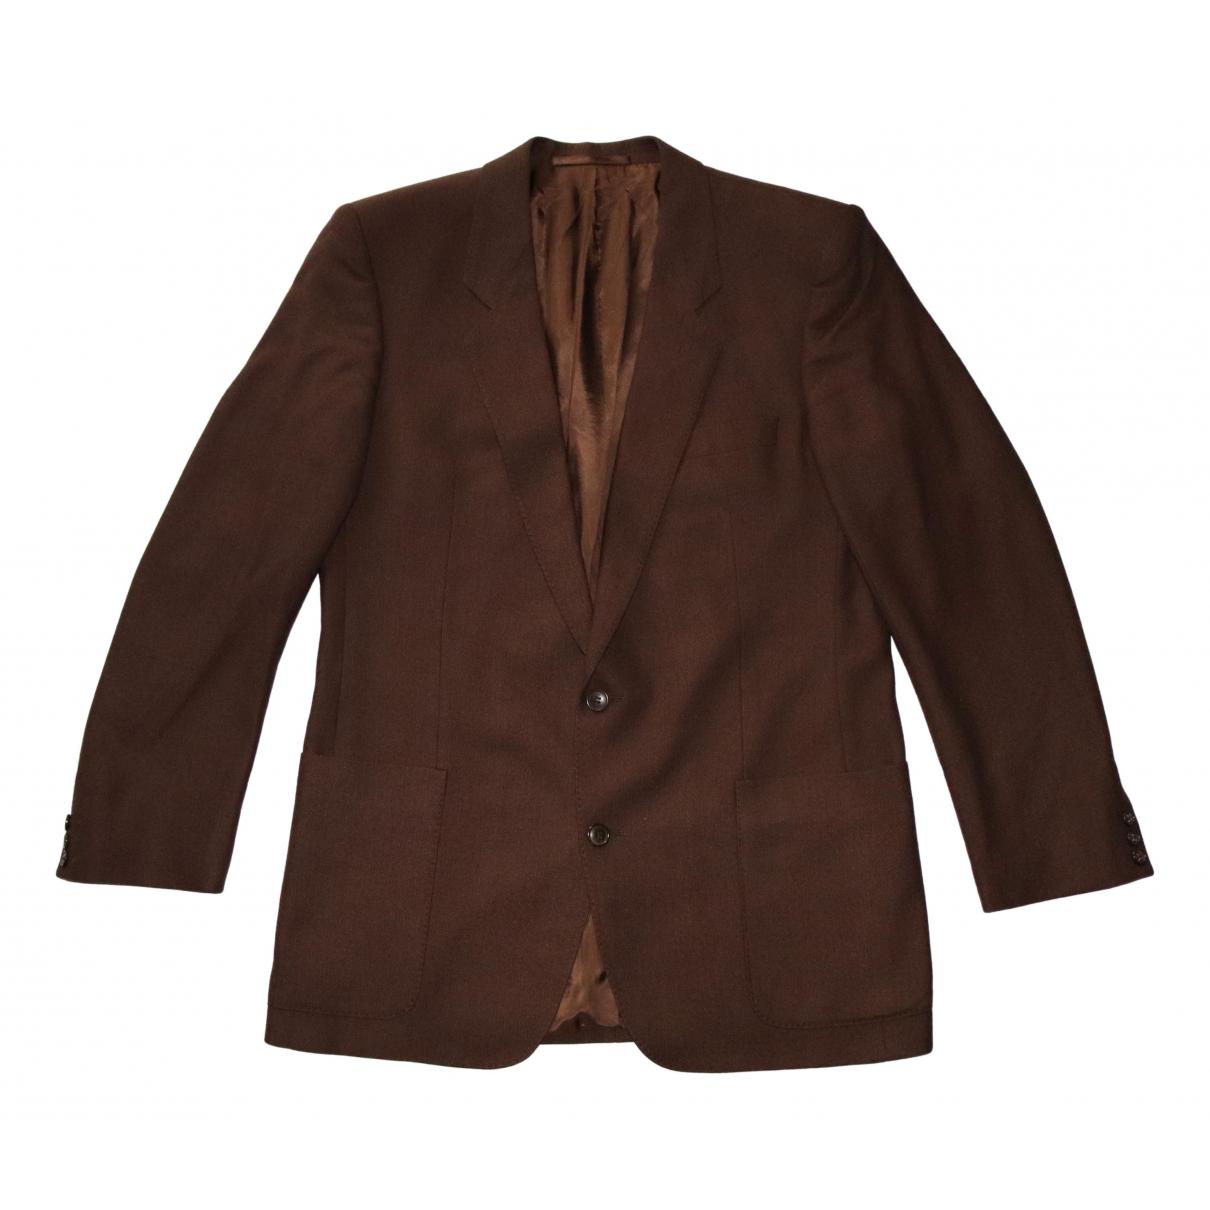 Loro Piana - Vestes.Blousons   pour homme en laine - marron